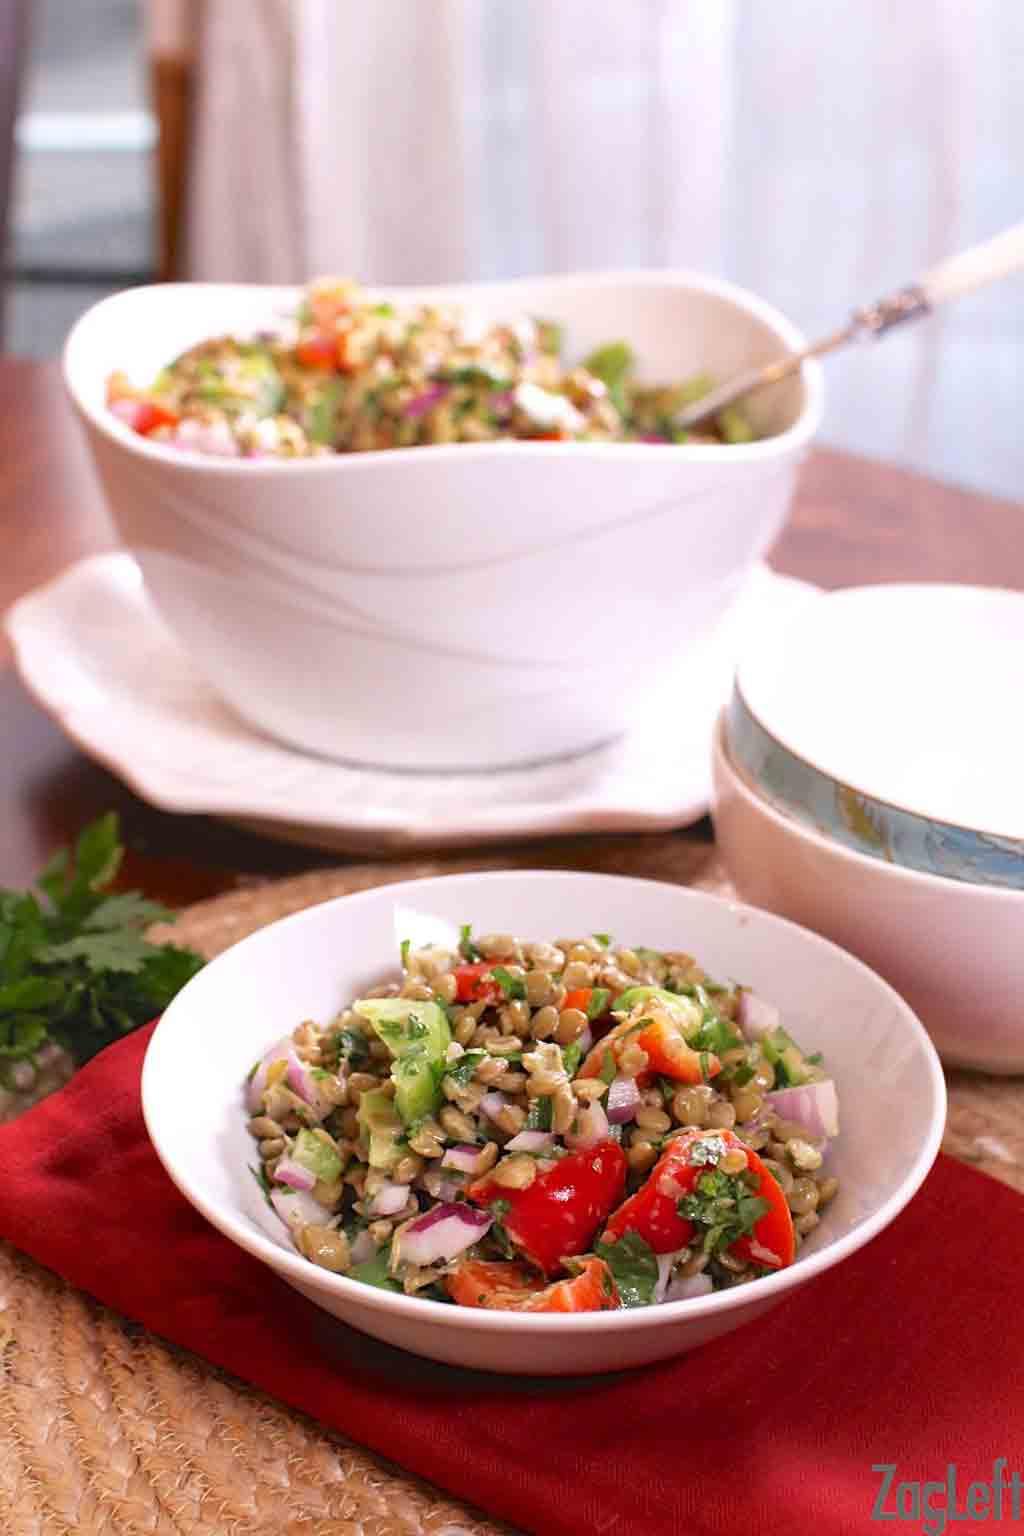 Promo image for Lentil Salad recipe